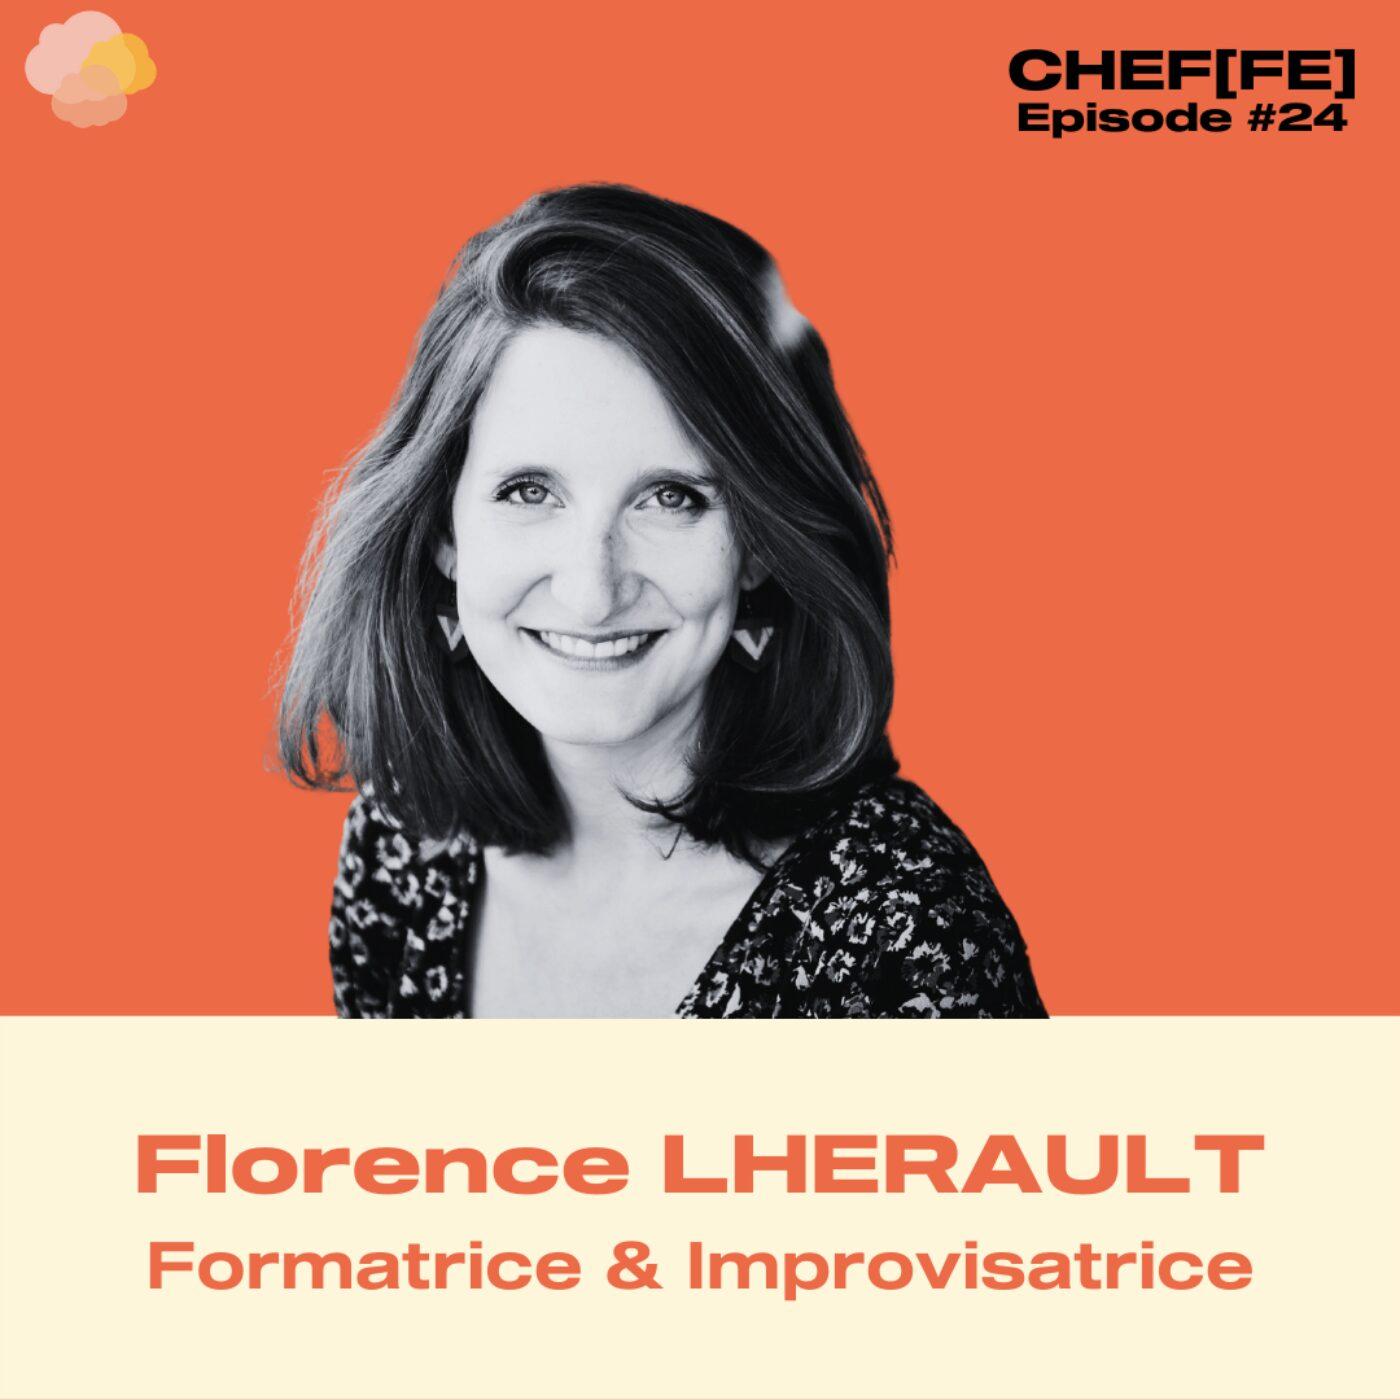 #24 - Le pouvoir extraordinaire de l'écoute - Florence Lhérault - Formatrice & improvisatrice